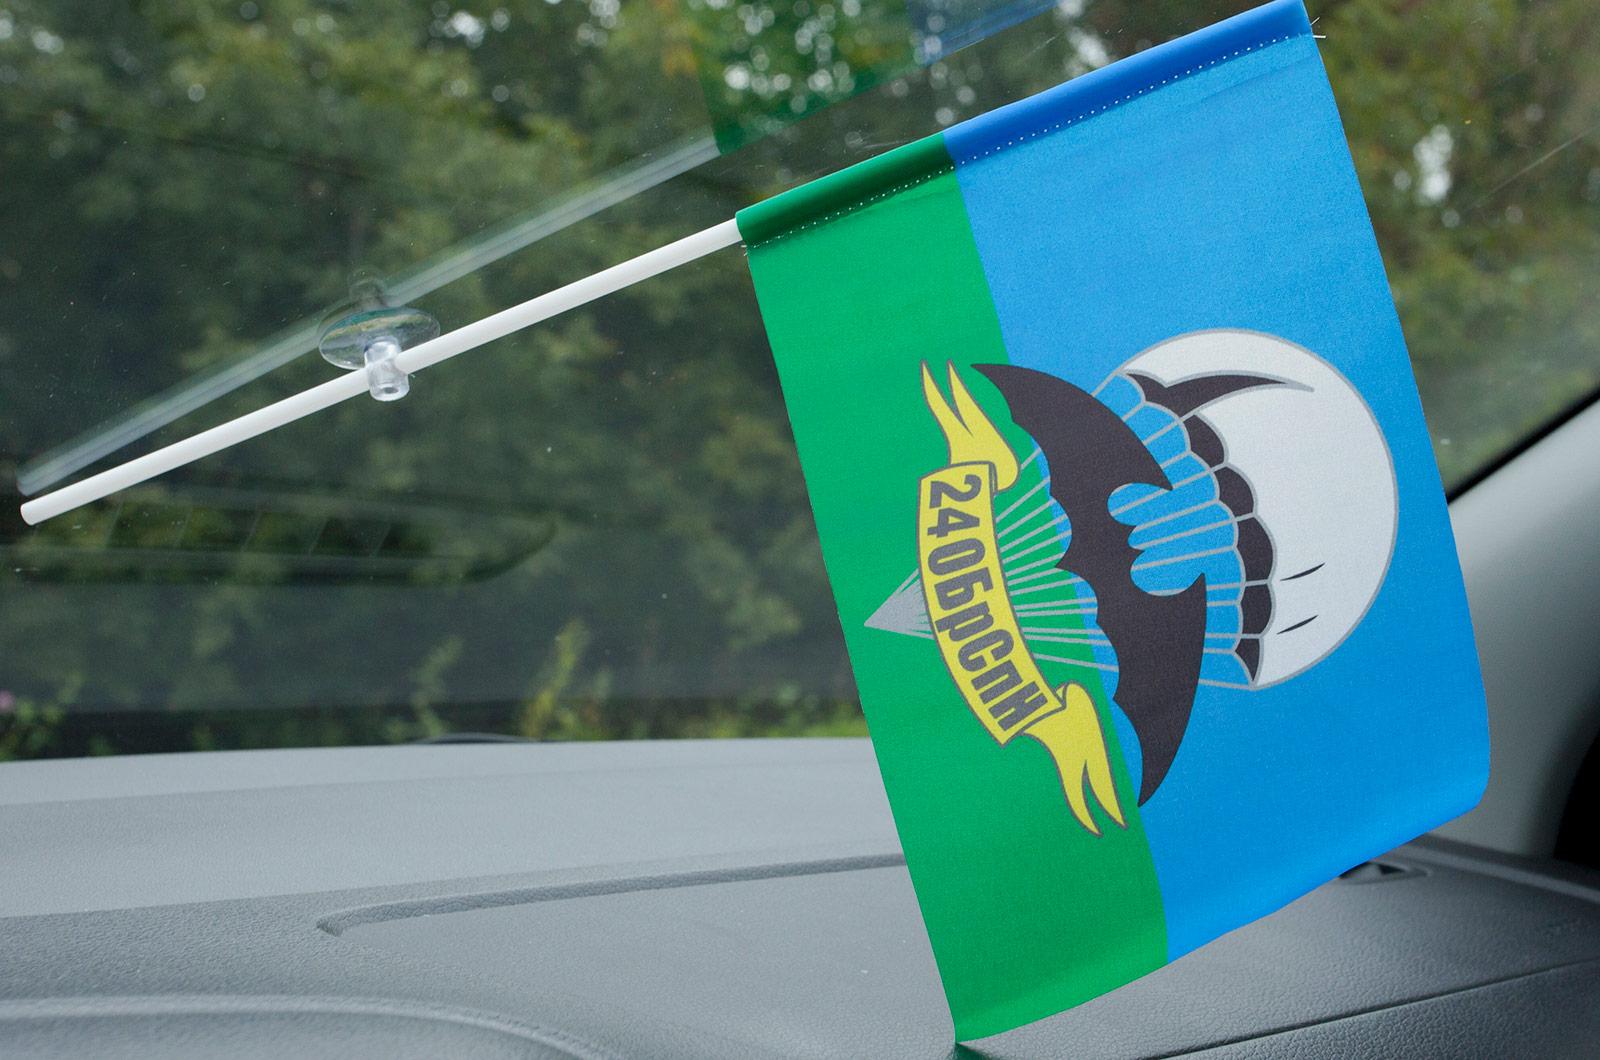 Флажок в машину с присоской 24 бригада Спецназа,